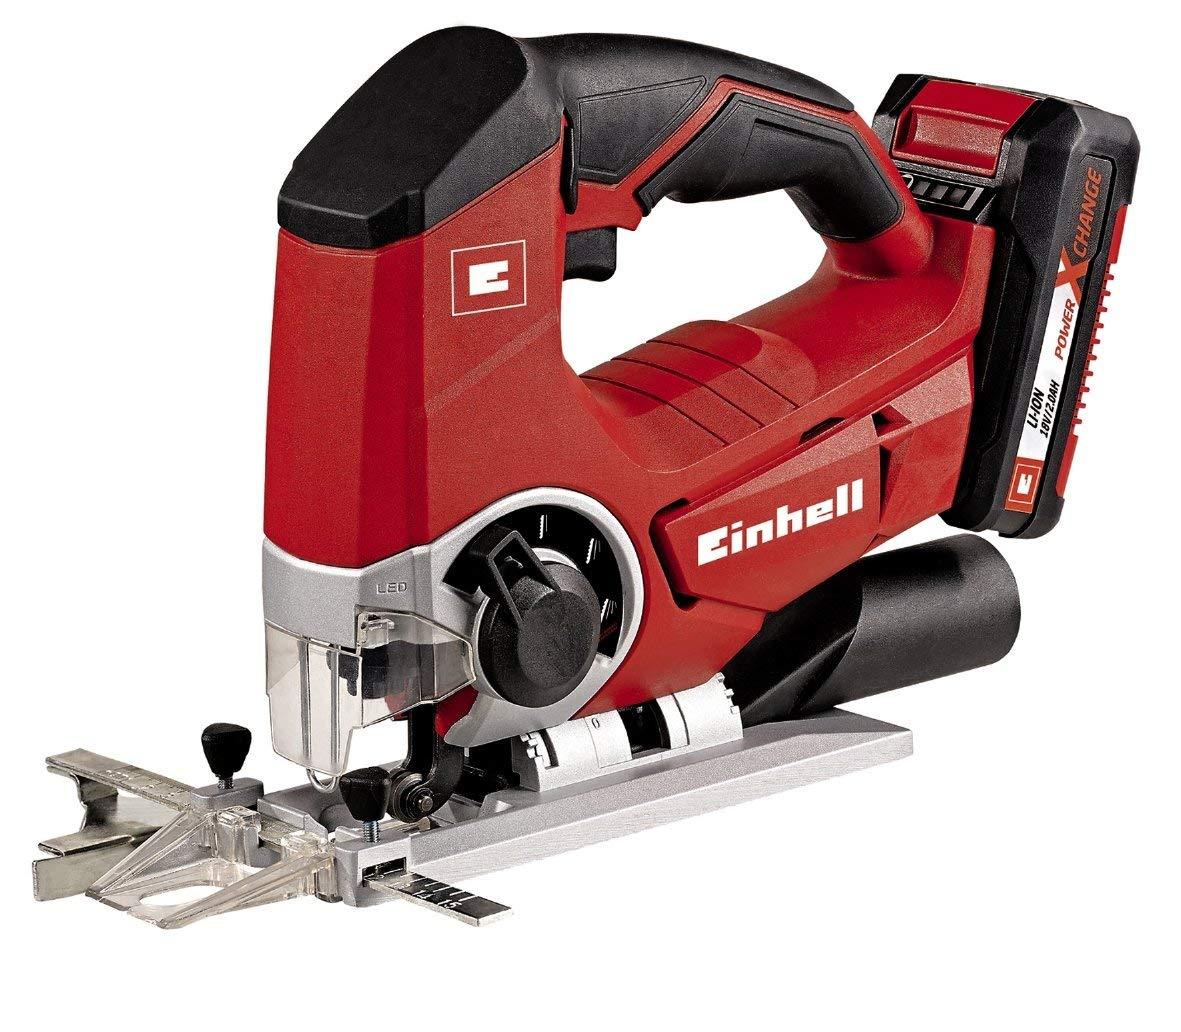 Einhell 4321203 Kit con sierra de calar, 0 W, 0 V, Negro, Rojo, Batería de 2.0 Ah + cargador